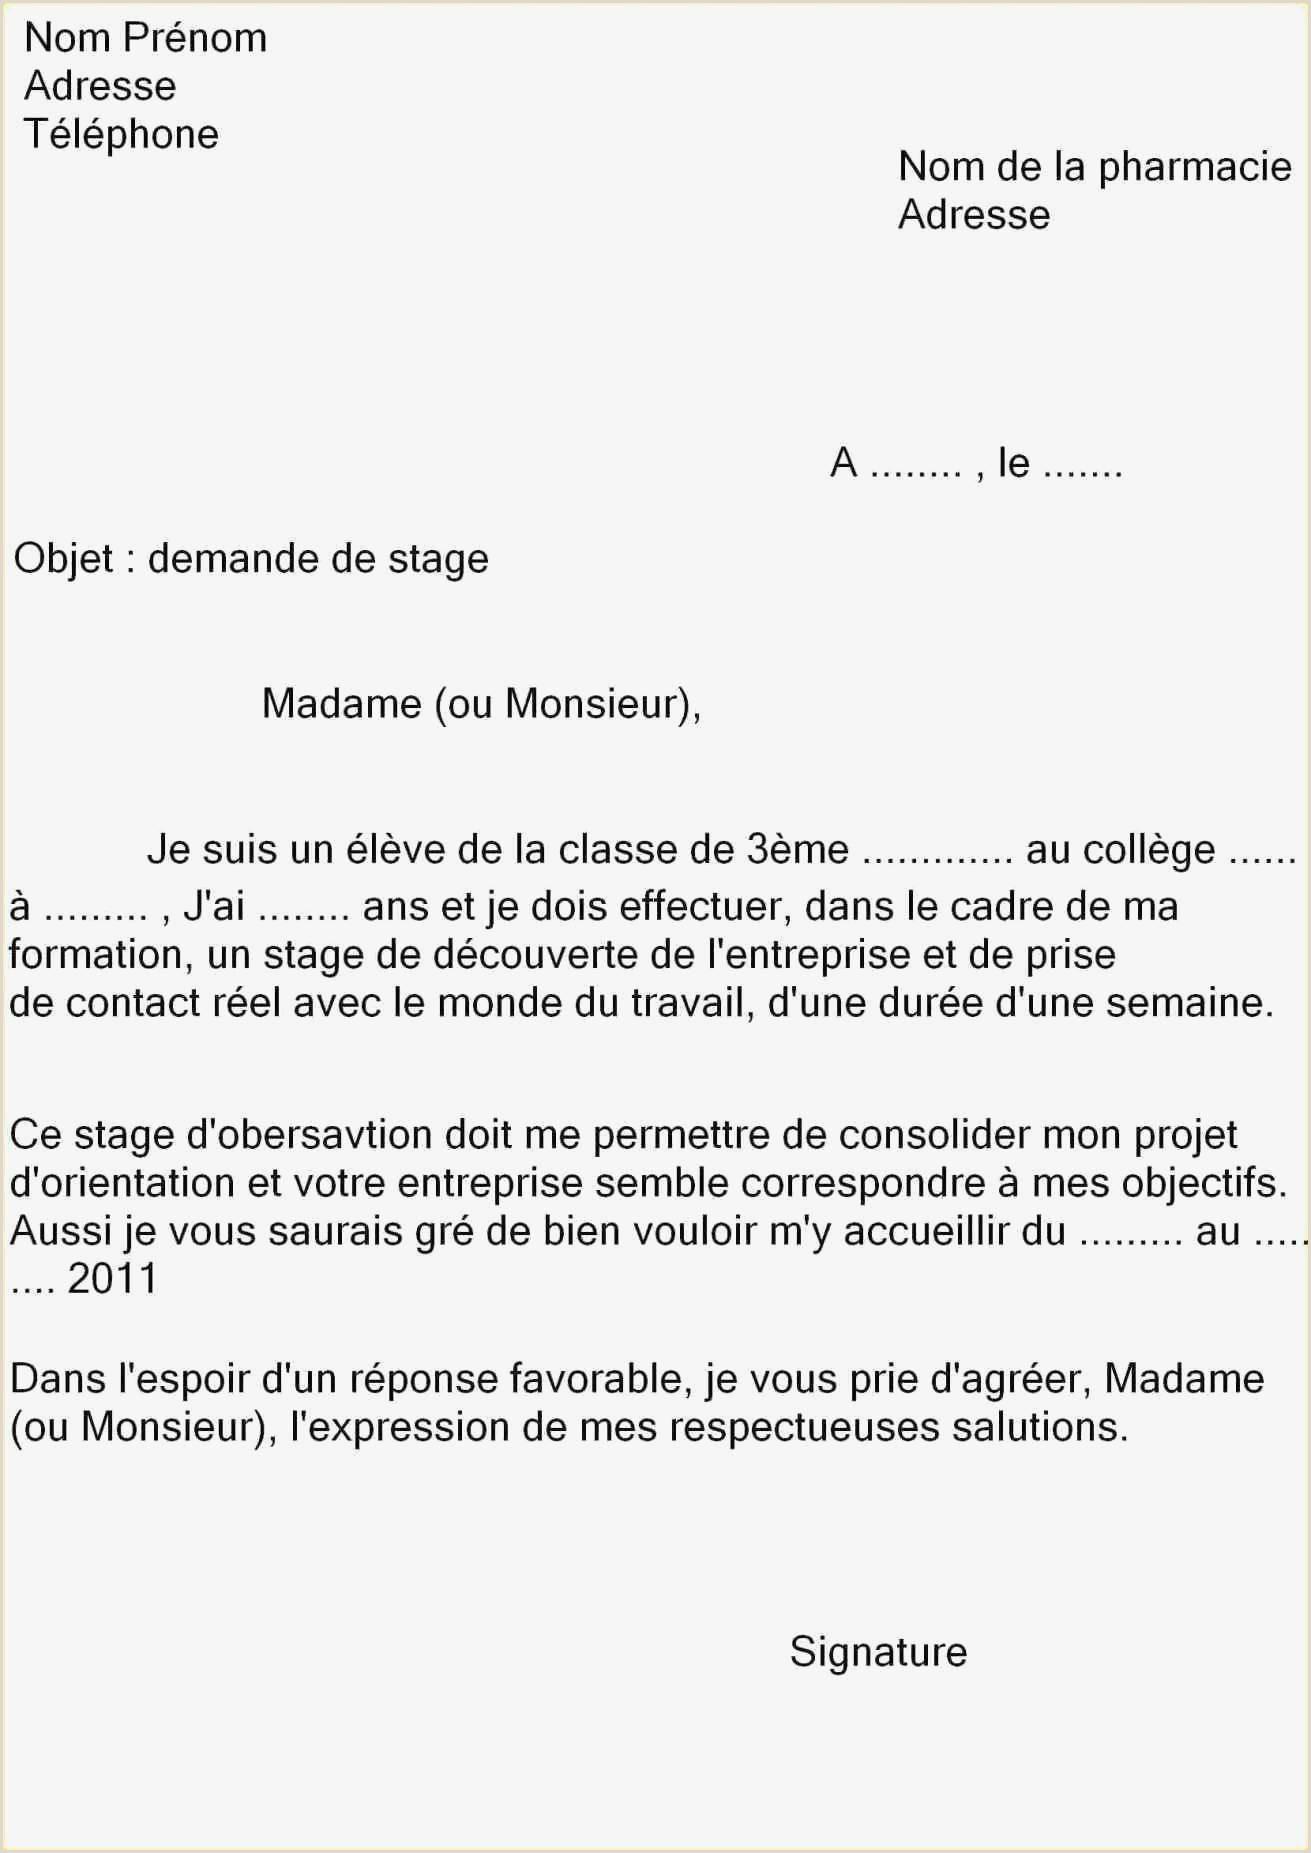 Exemple De Cv Dun Prof Lettre De Motivation Freelance Exemple Cv Aide A Domicile